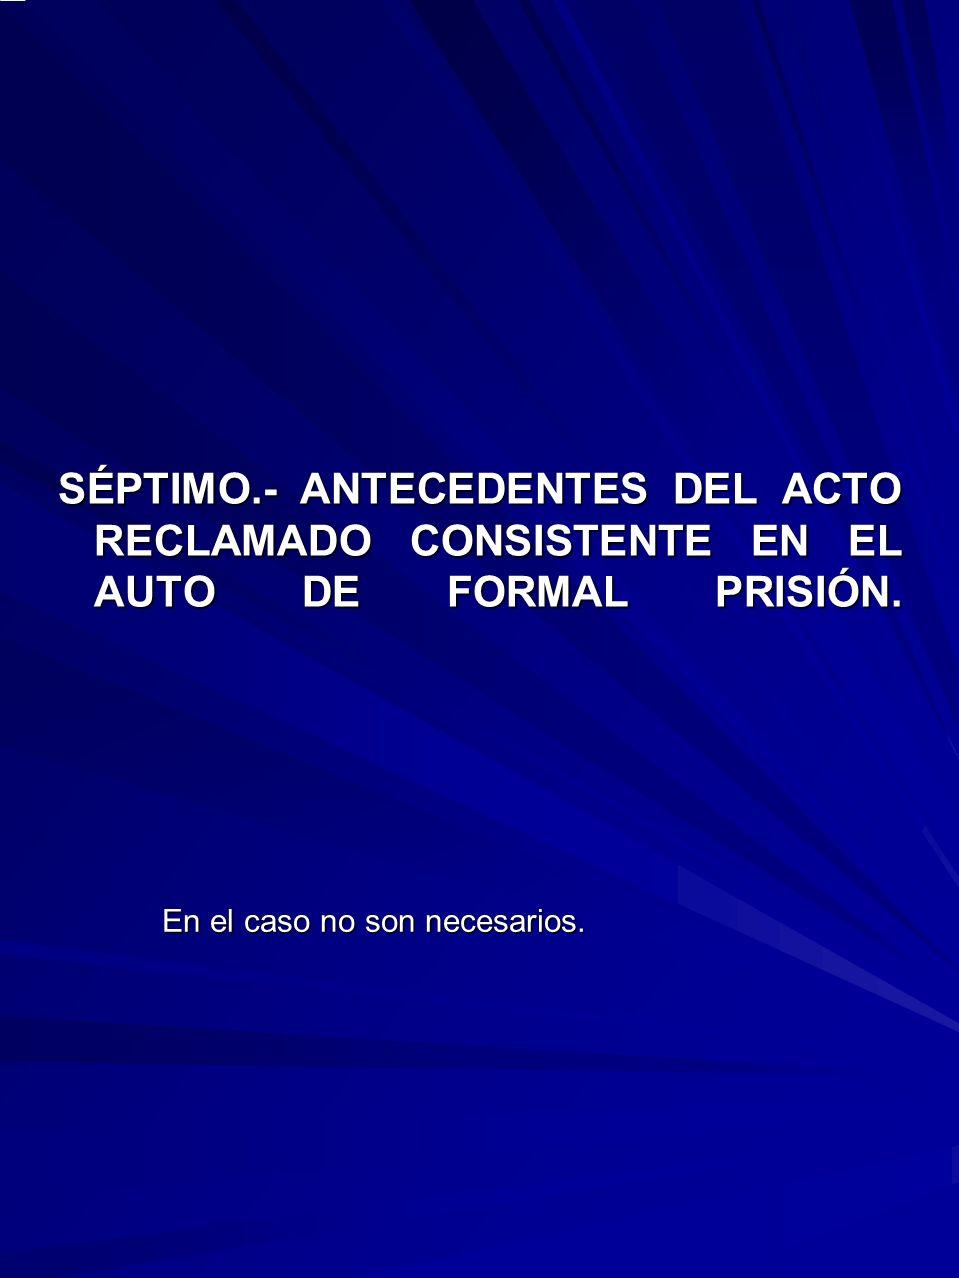 SÉPTIMO.- ANTECEDENTES DEL ACTO RECLAMADO CONSISTENTE EN EL AUTO DE FORMAL PRISIÓN.